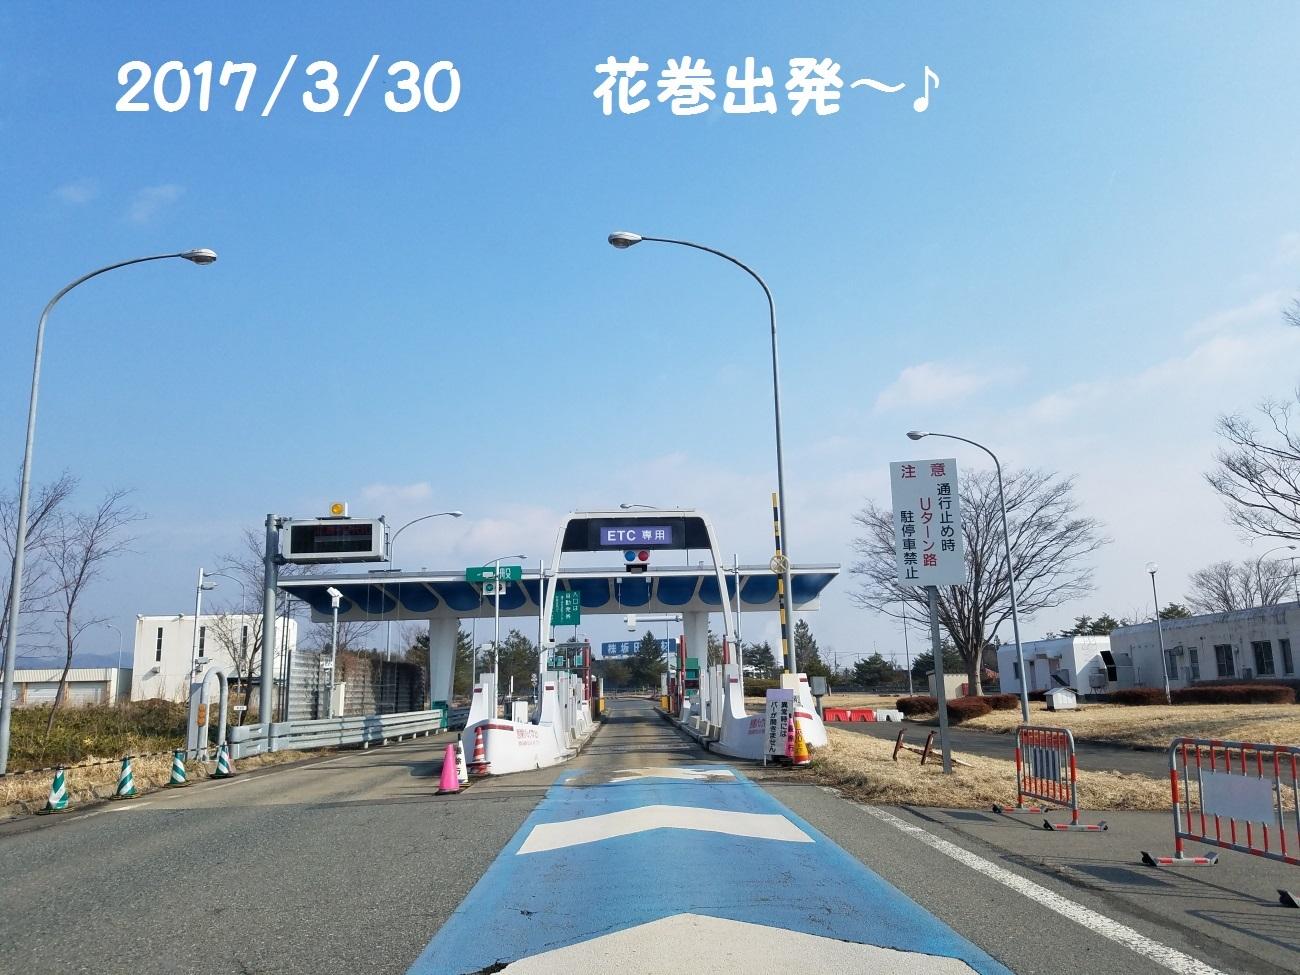 20170330_082504.jpg